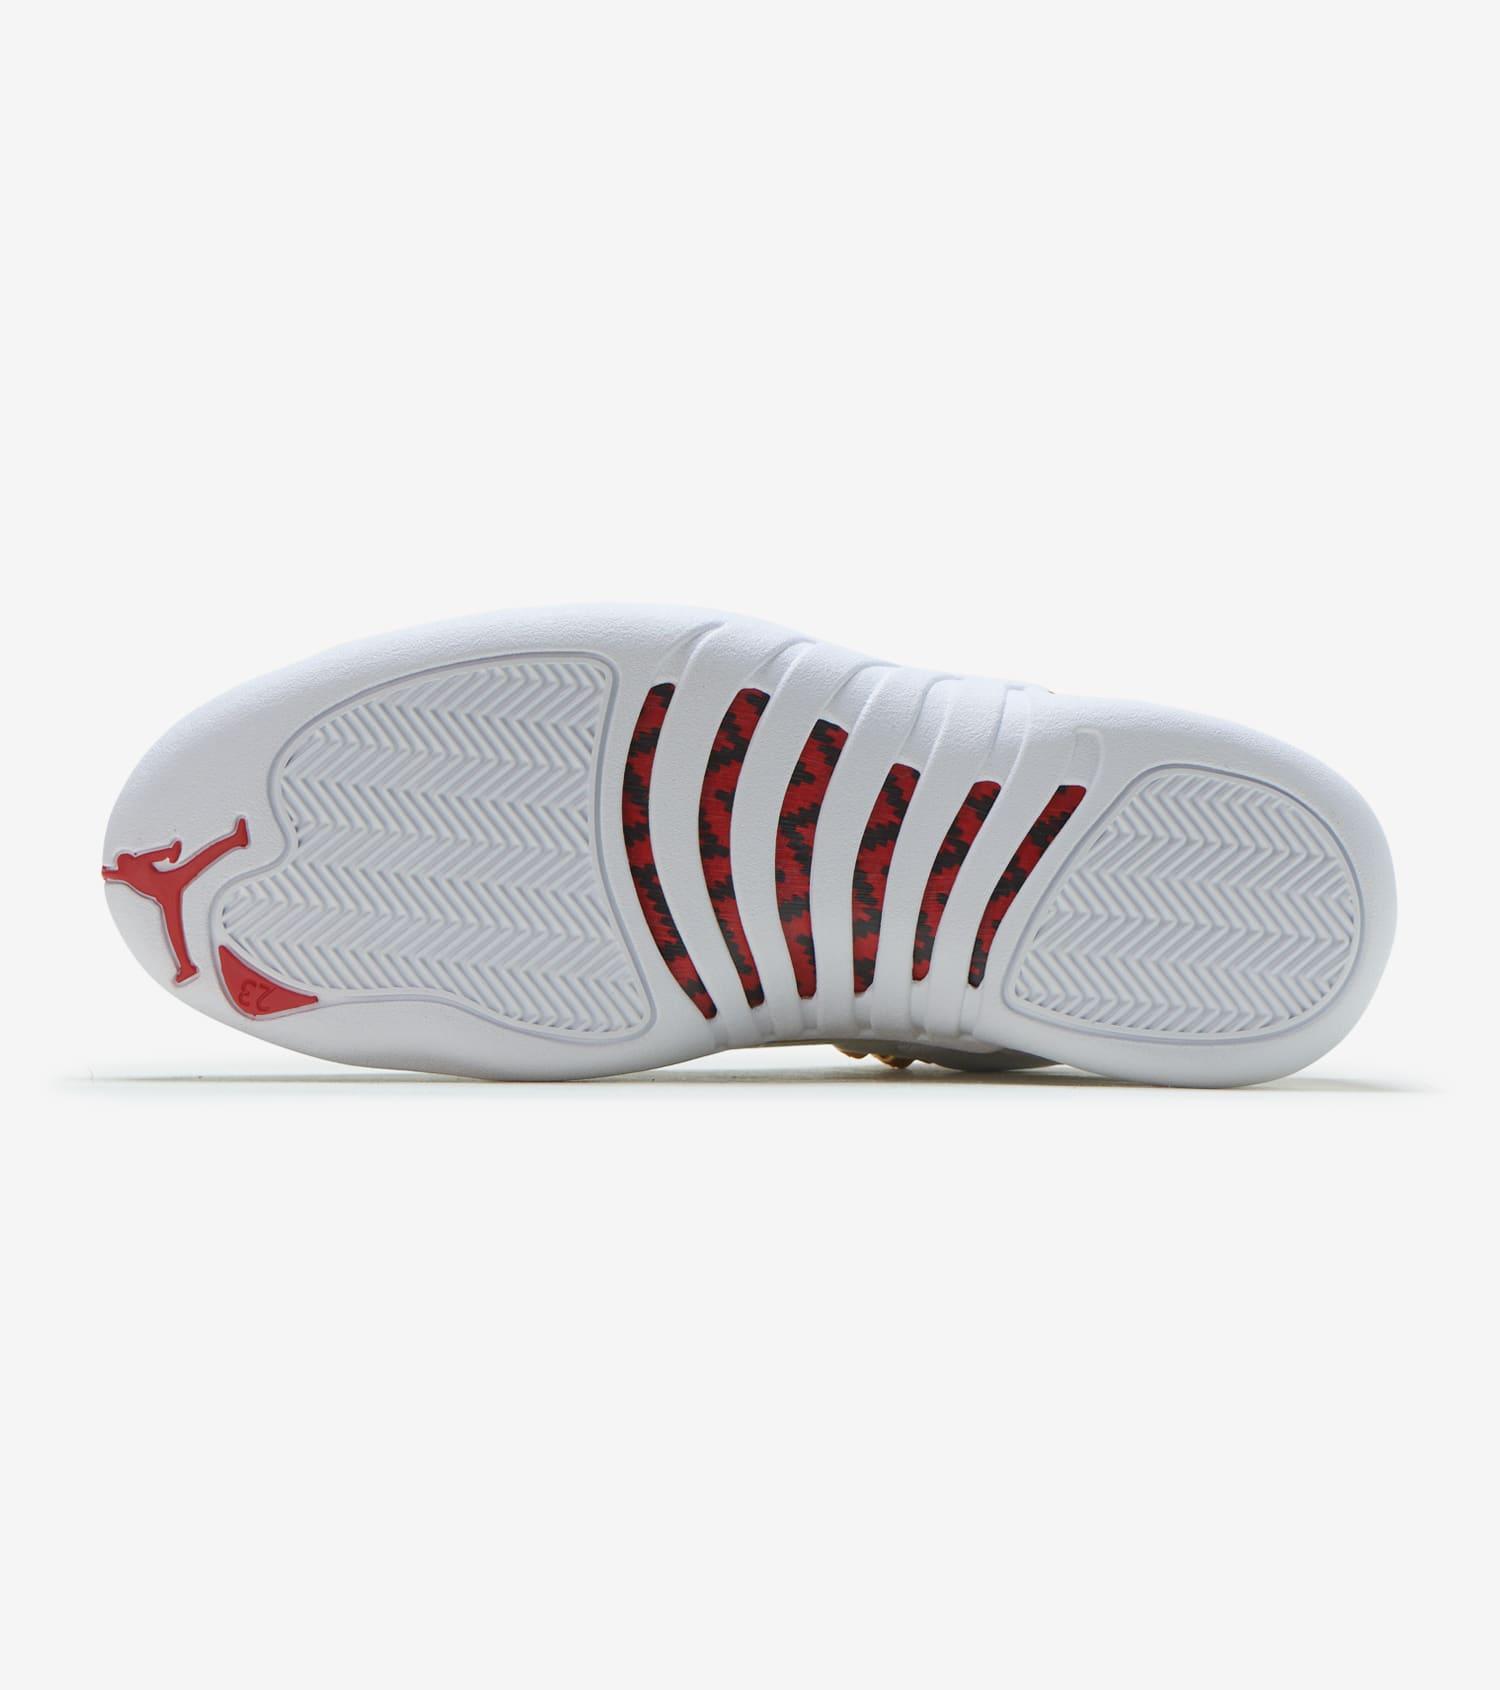 separation shoes d6051 32a09 Air Jordan Retro 12